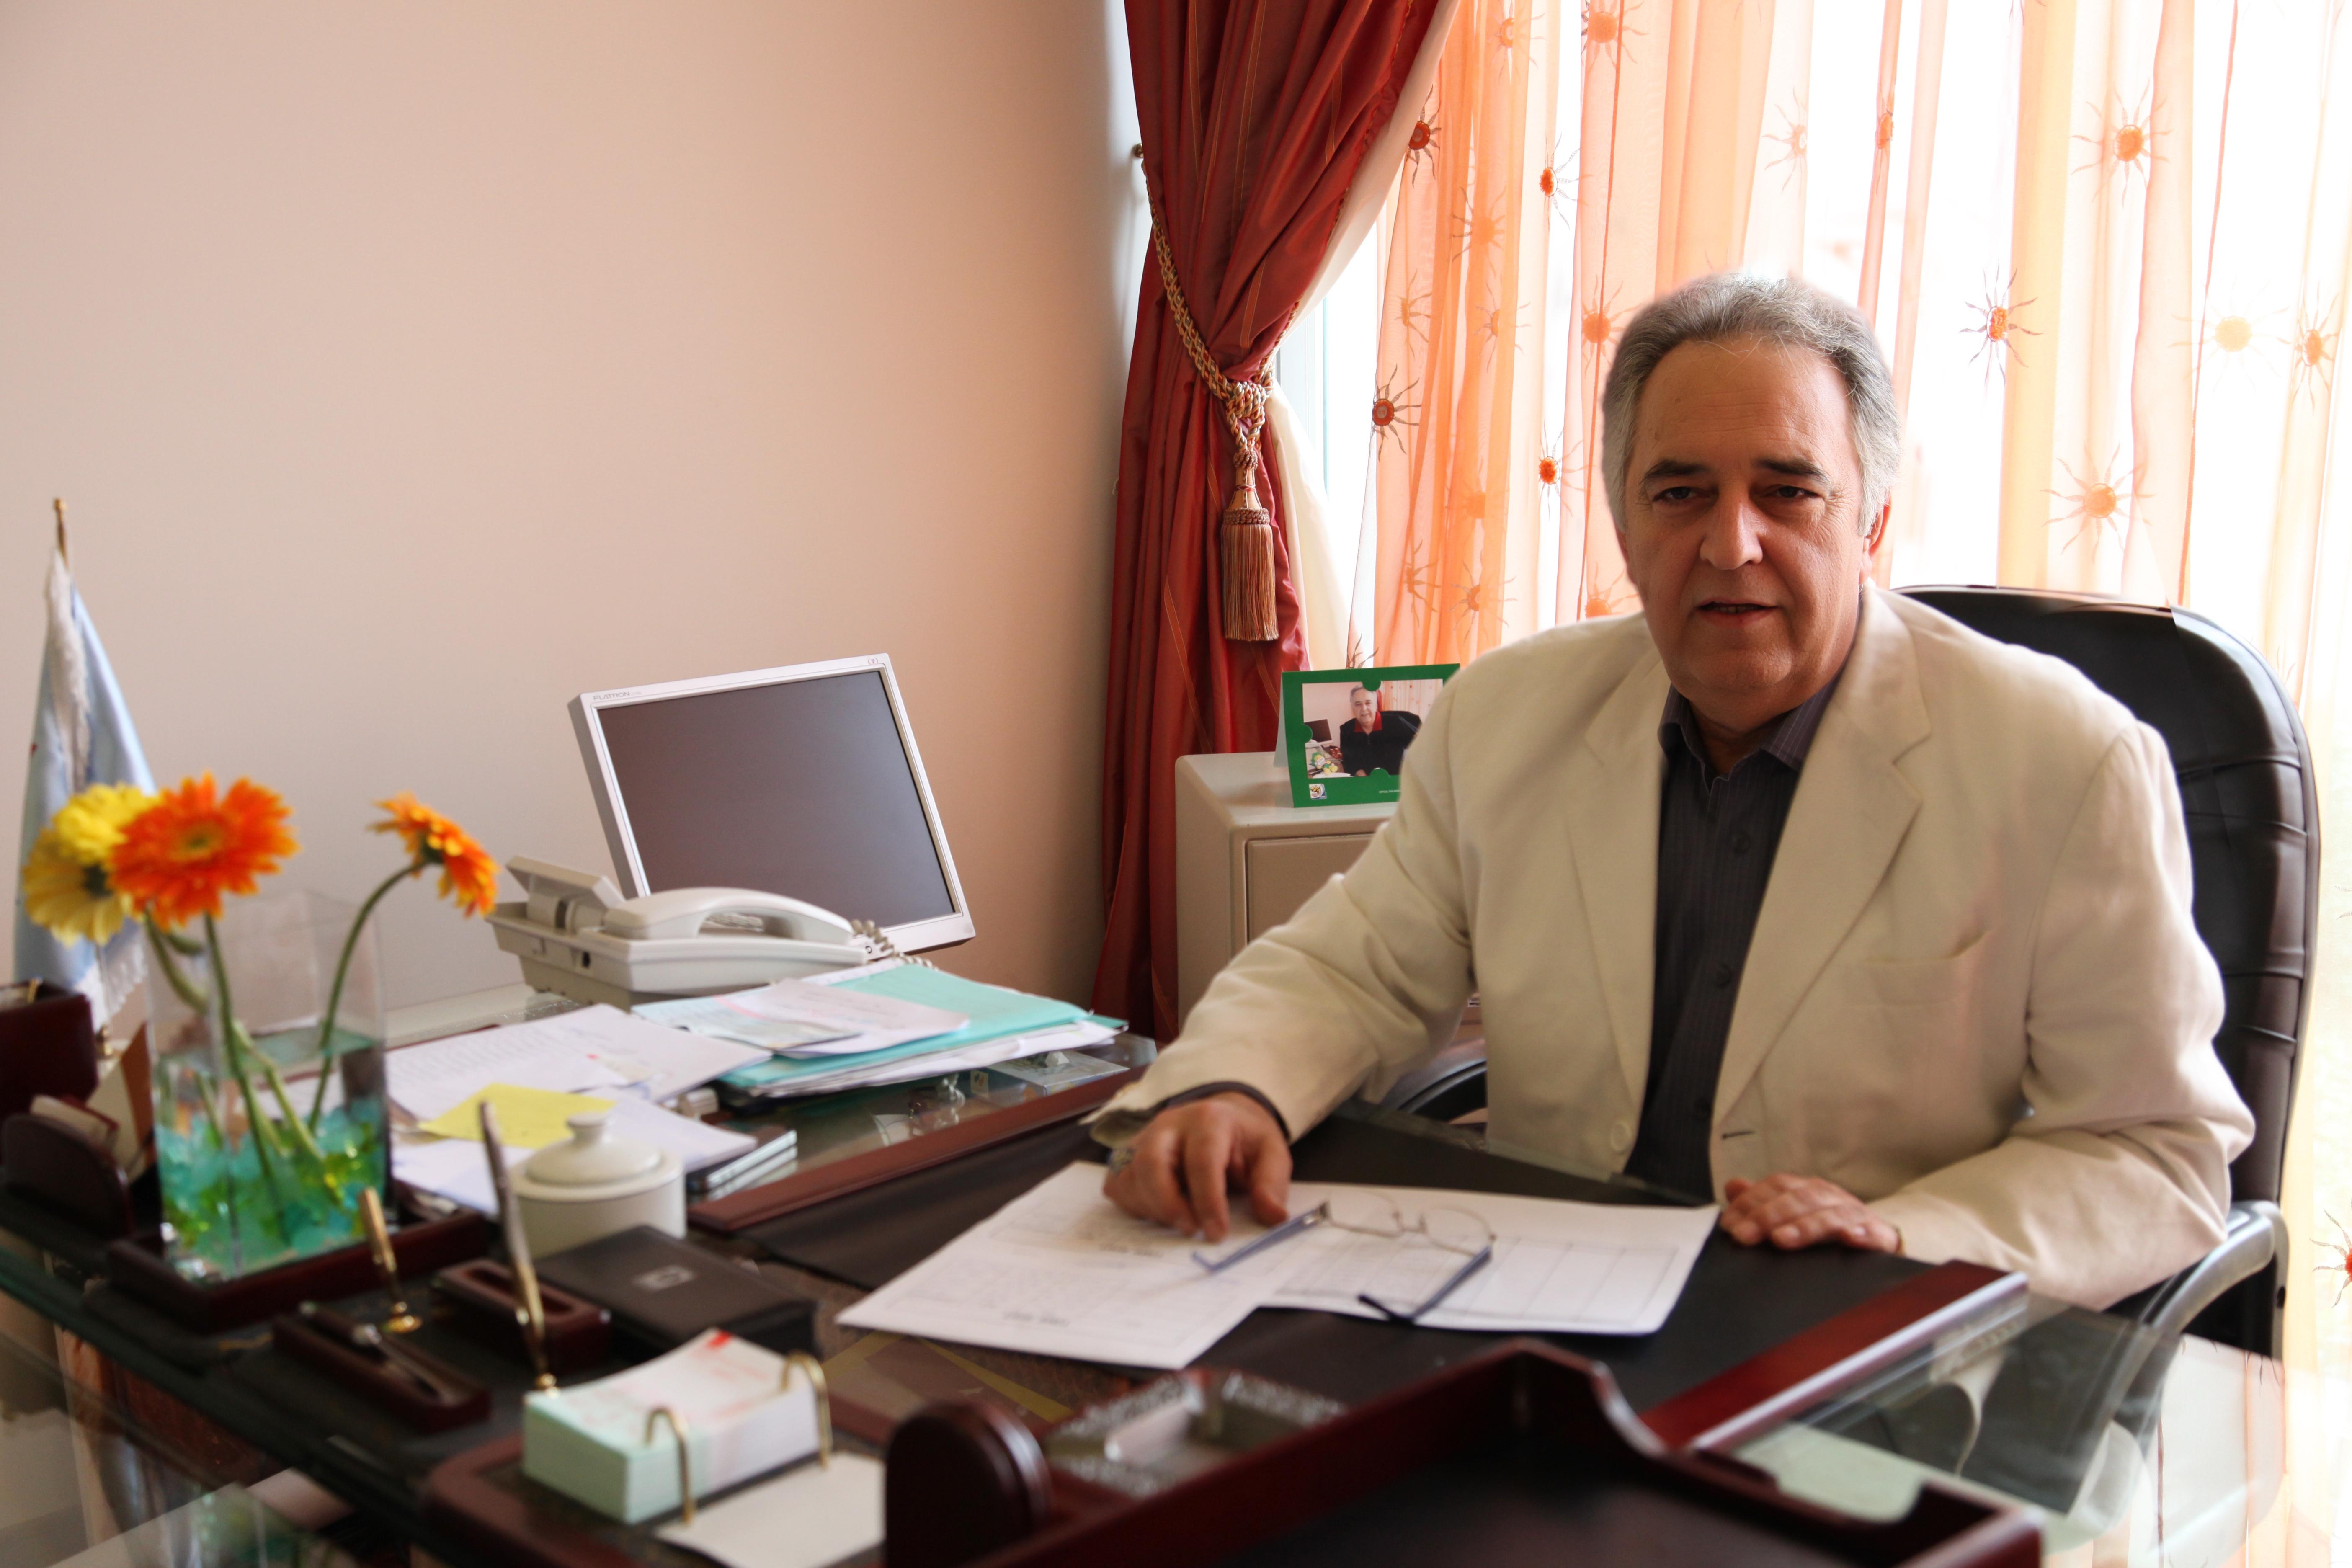 مهندس سعید موهبت بنیانگذار مجموعه های زنجیره ای نارنجستان